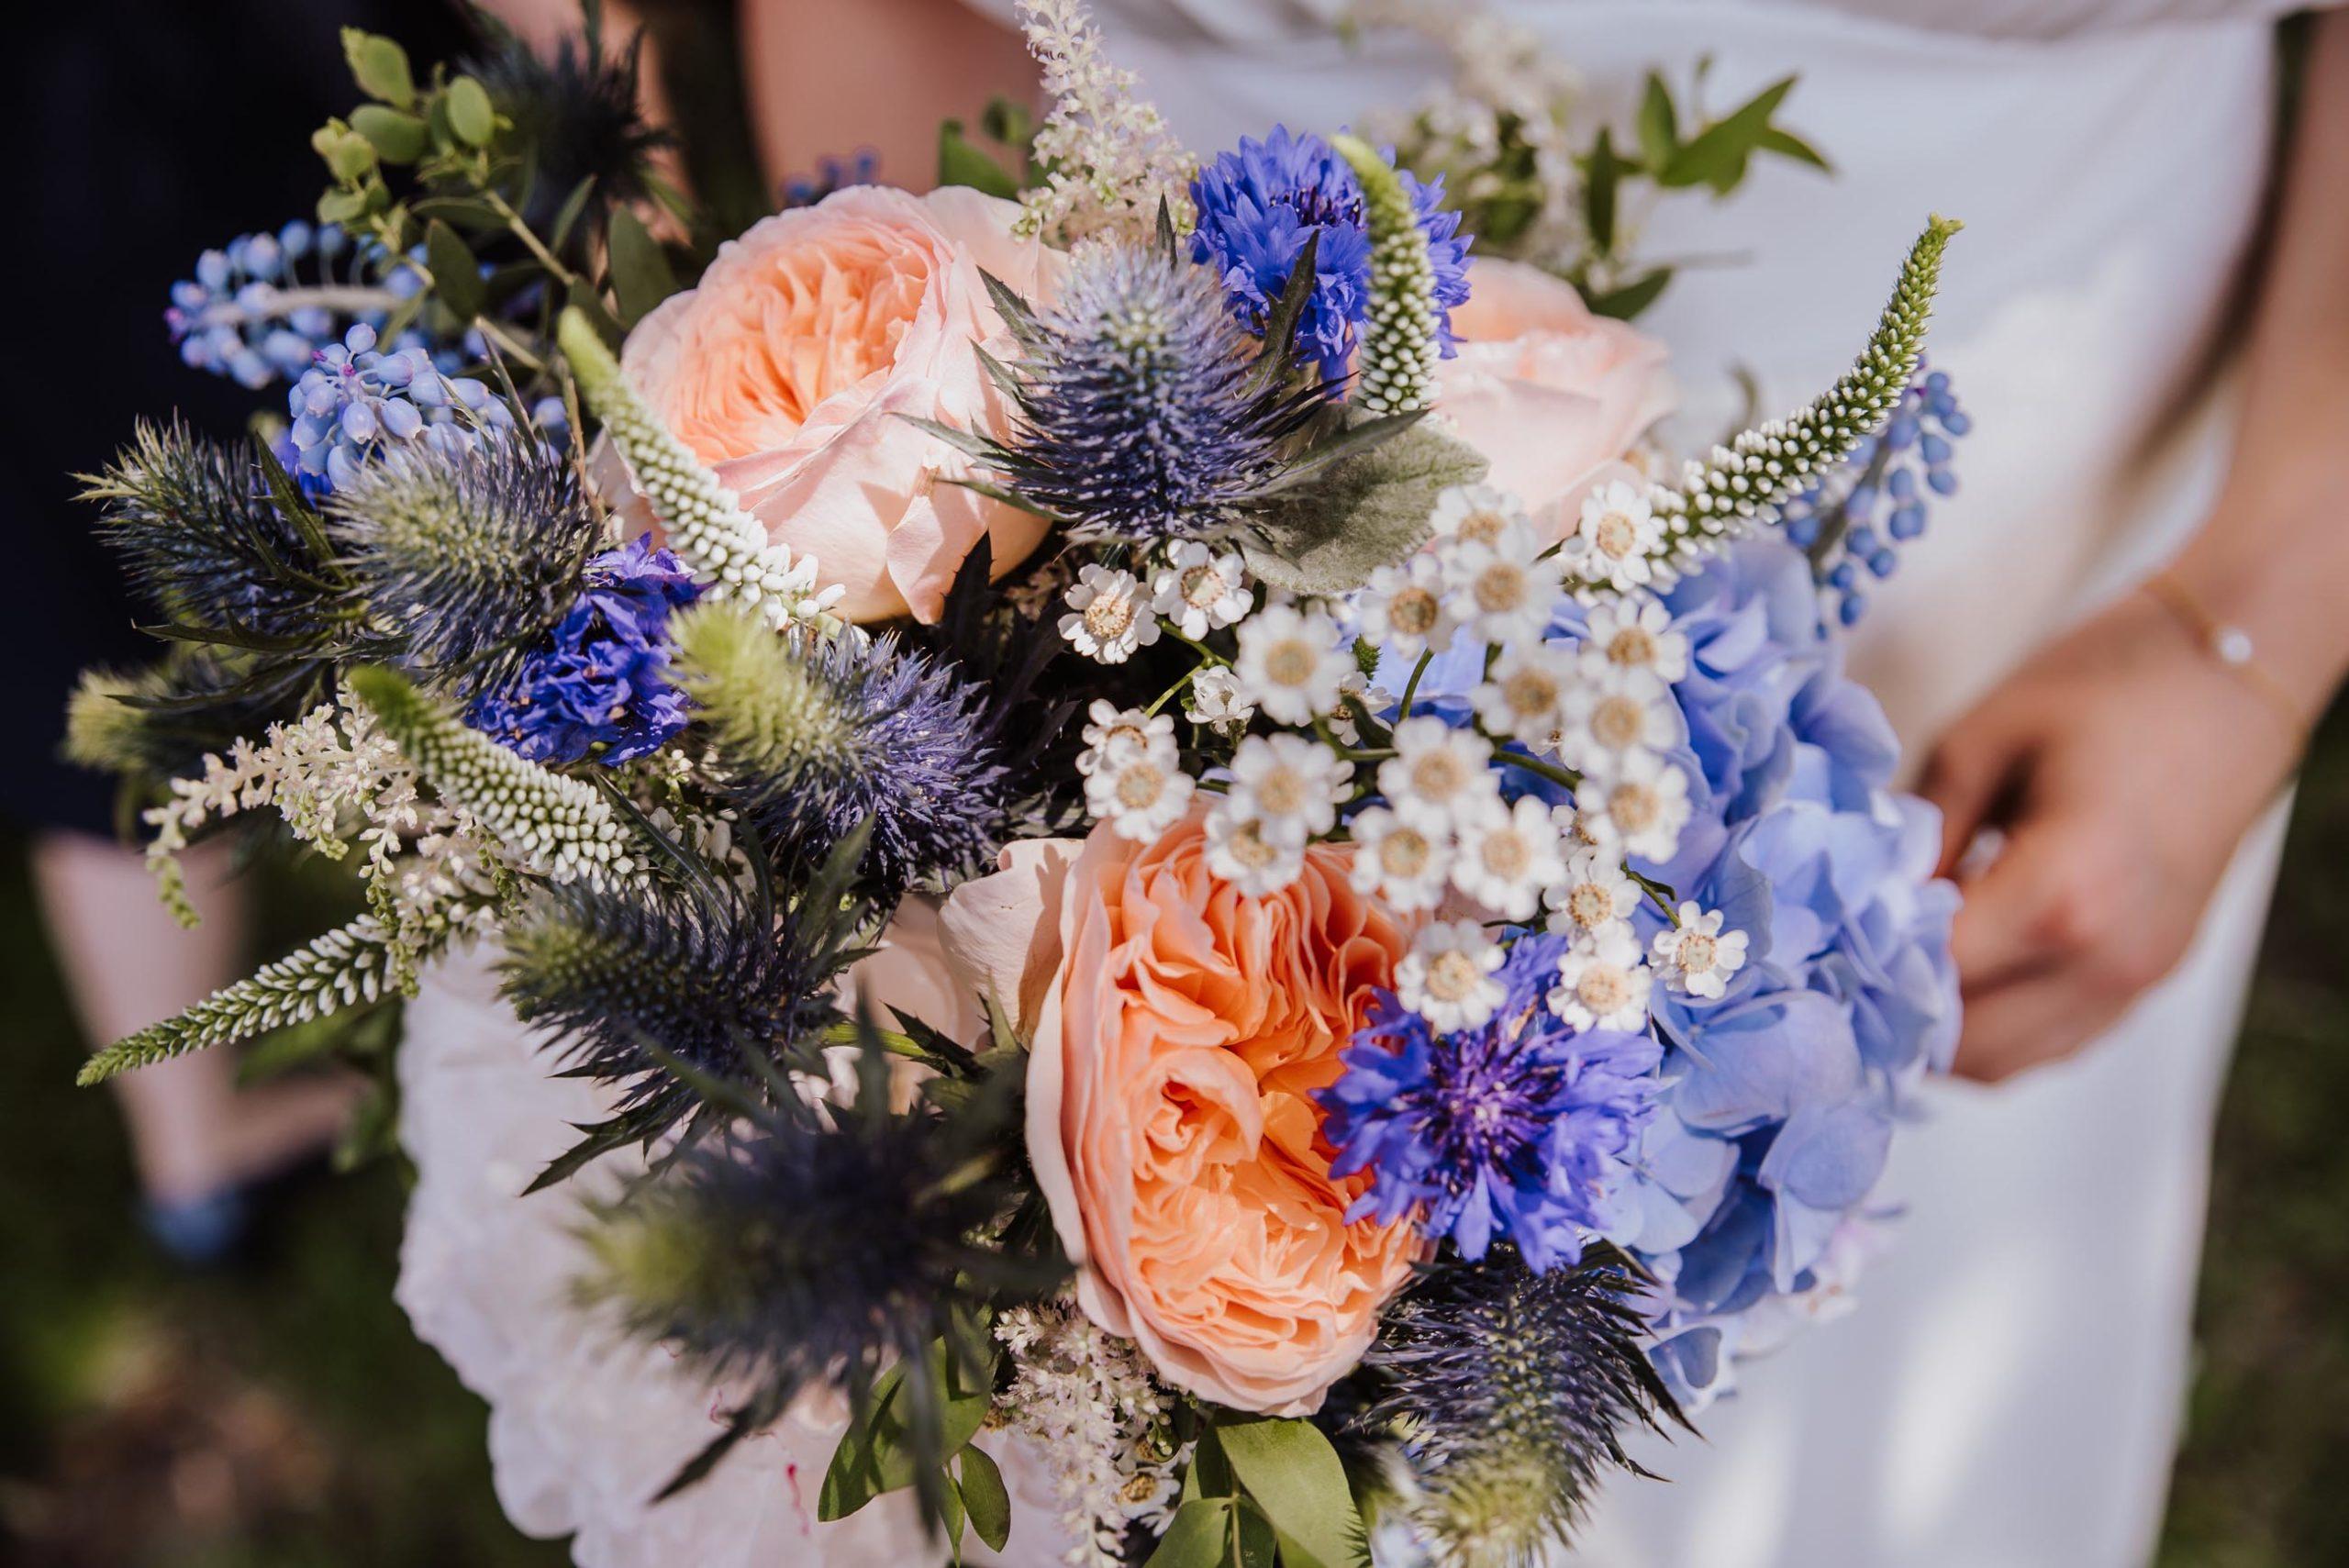 Mariage Aline & Thierry mariage fleuriste scénographe floral paris vincennes